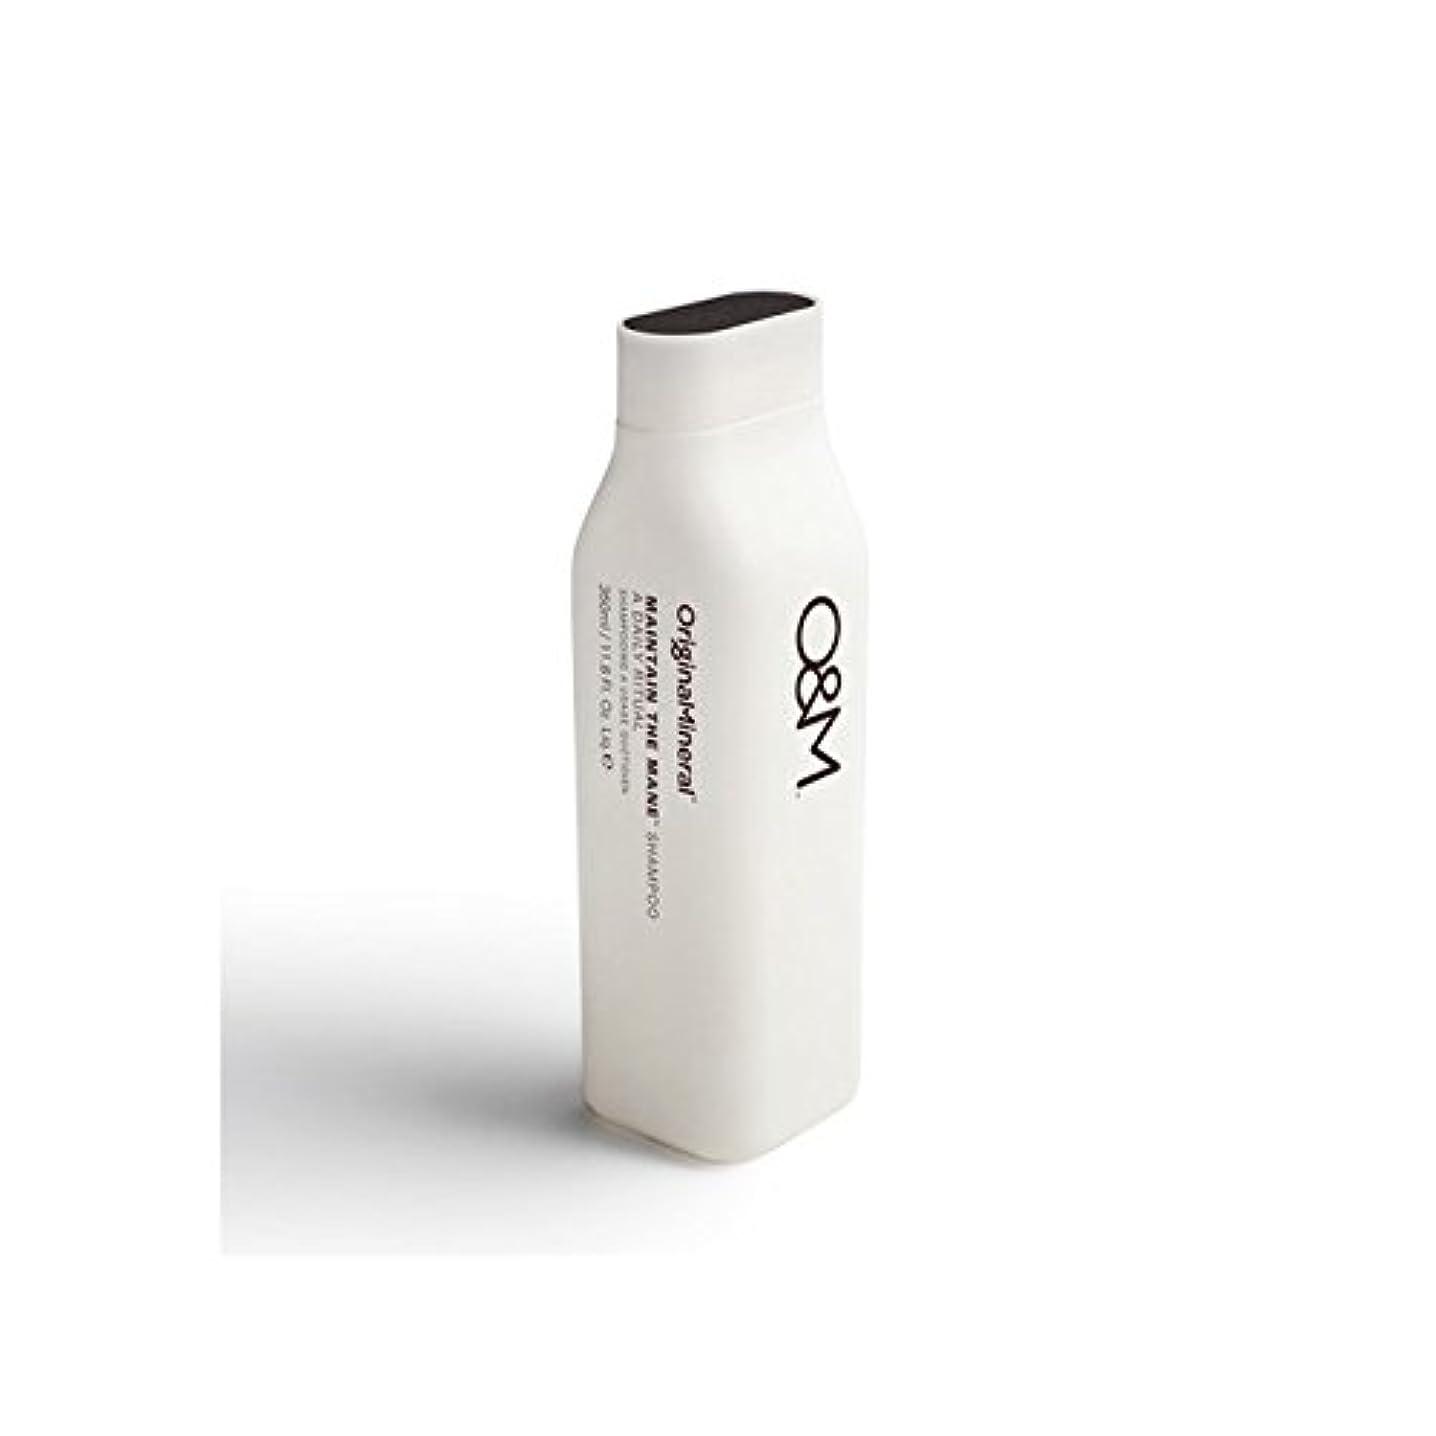 インフルエンザカタログ熟すOriginal & Mineral Maintain The Mane Shampoo (350ml) - オリジナル&ミネラルは、たてがみのシャンプー(350ミリリットル)を維持 [並行輸入品]